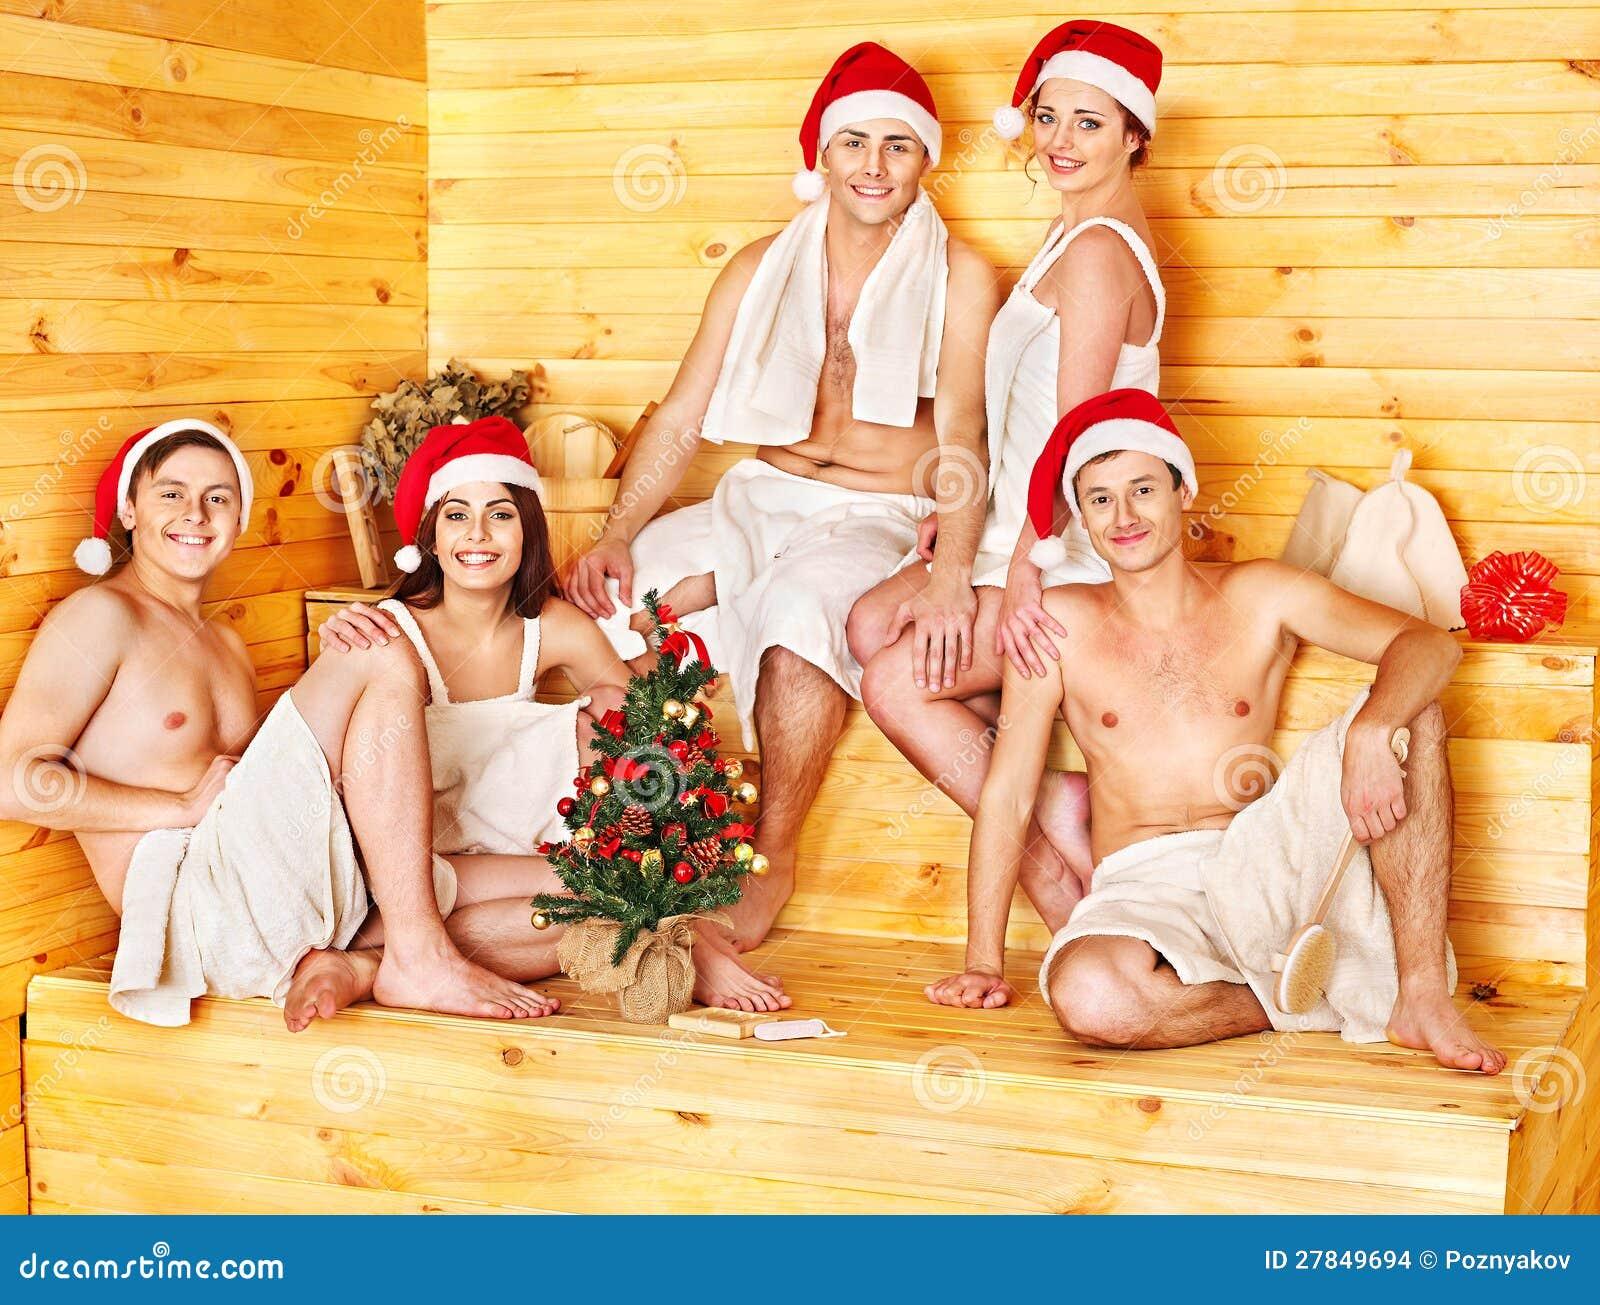 Фото друзей в сауне 8 фотография